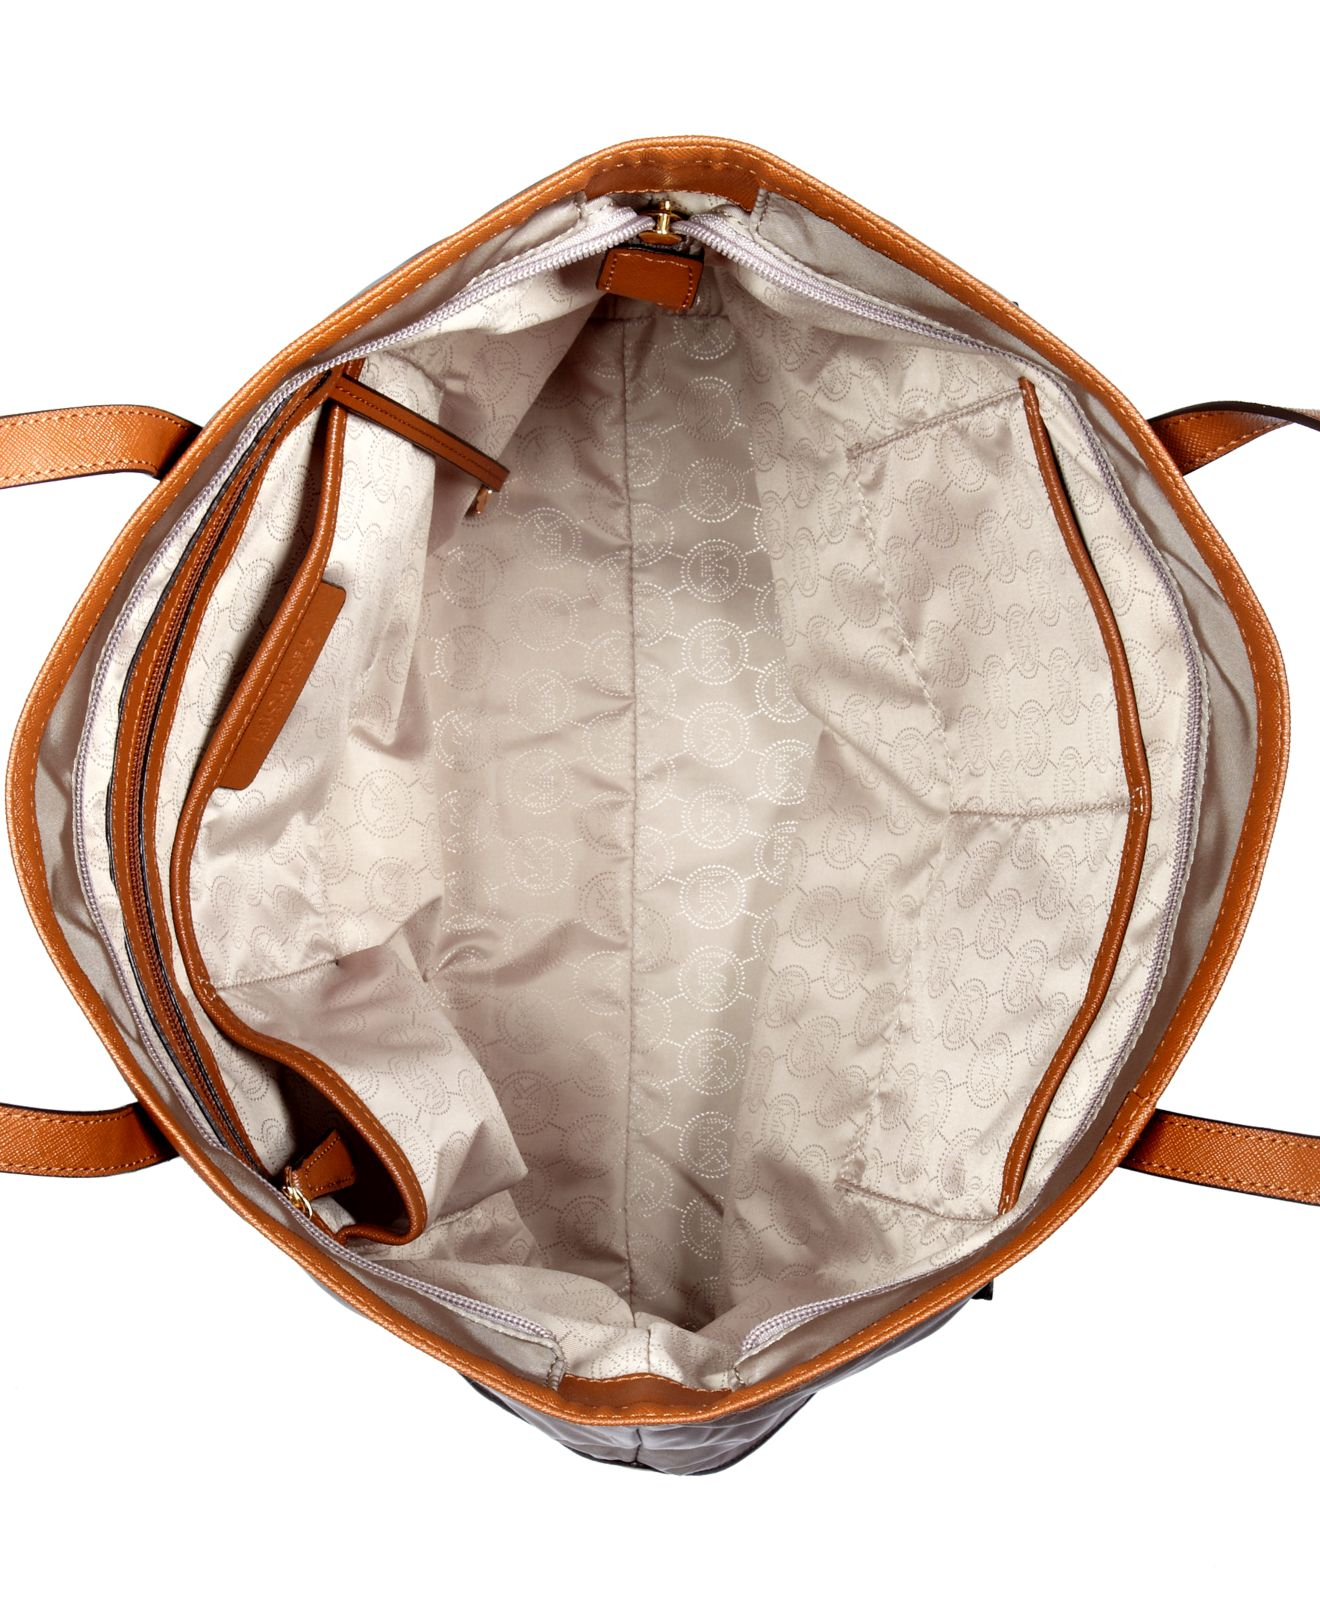 Bolsa Michael Kors Nylon : Michael kors kempton nylon large tote in metallic